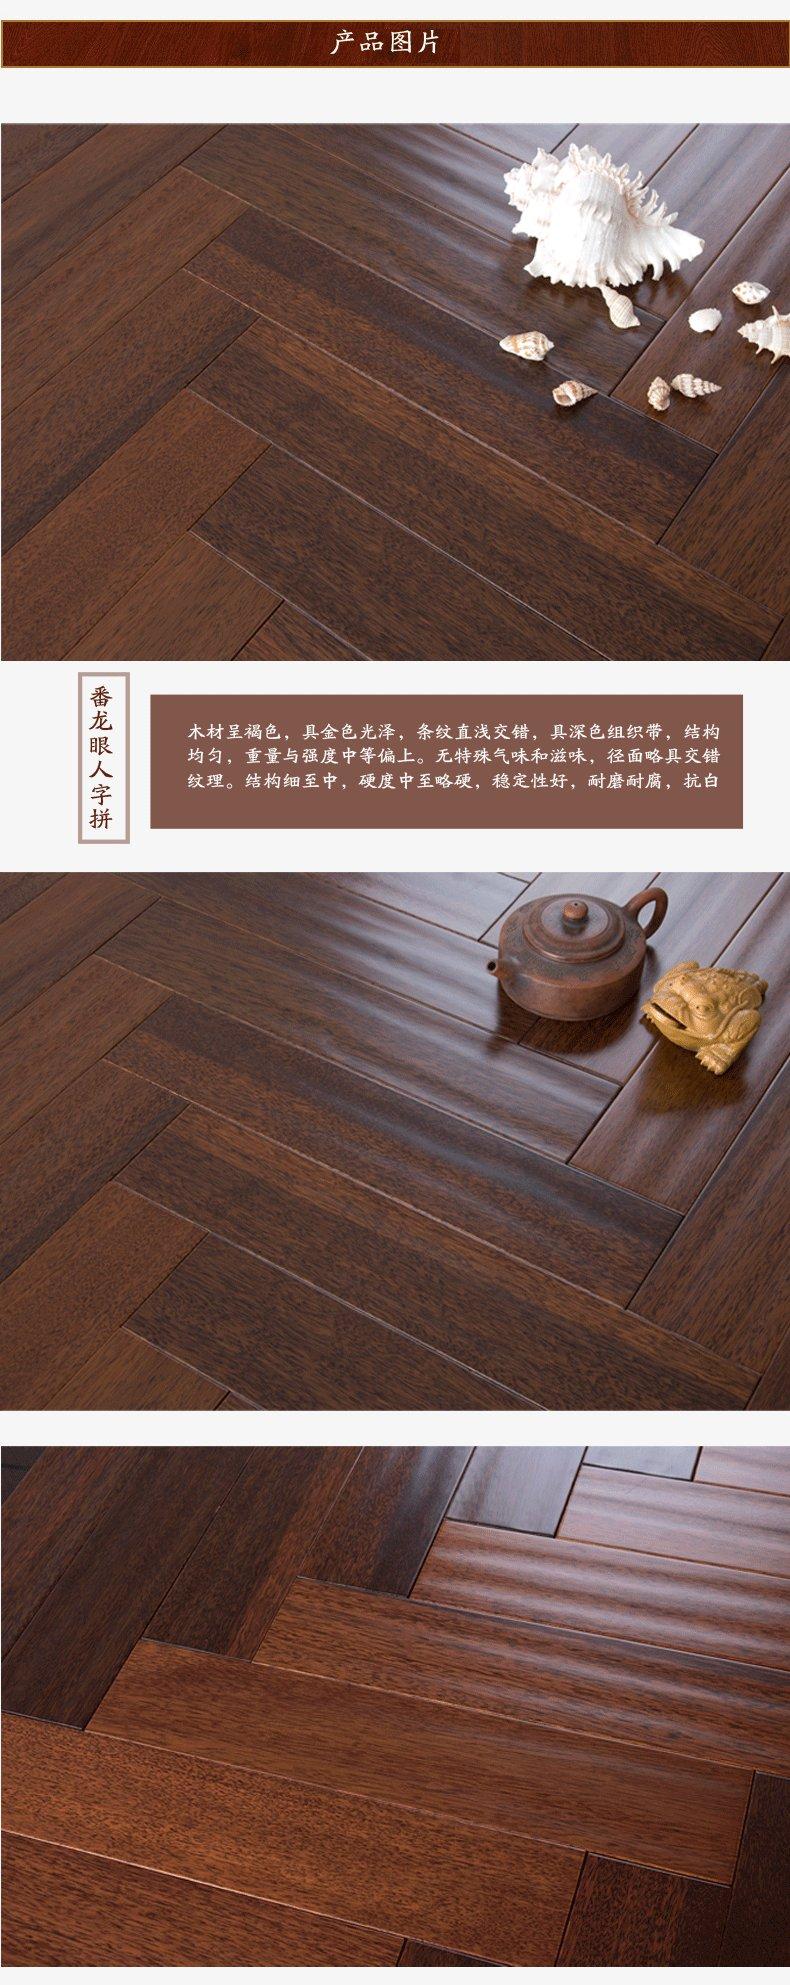 燕泥地板纯实木地板图片 人字拼番龙眼